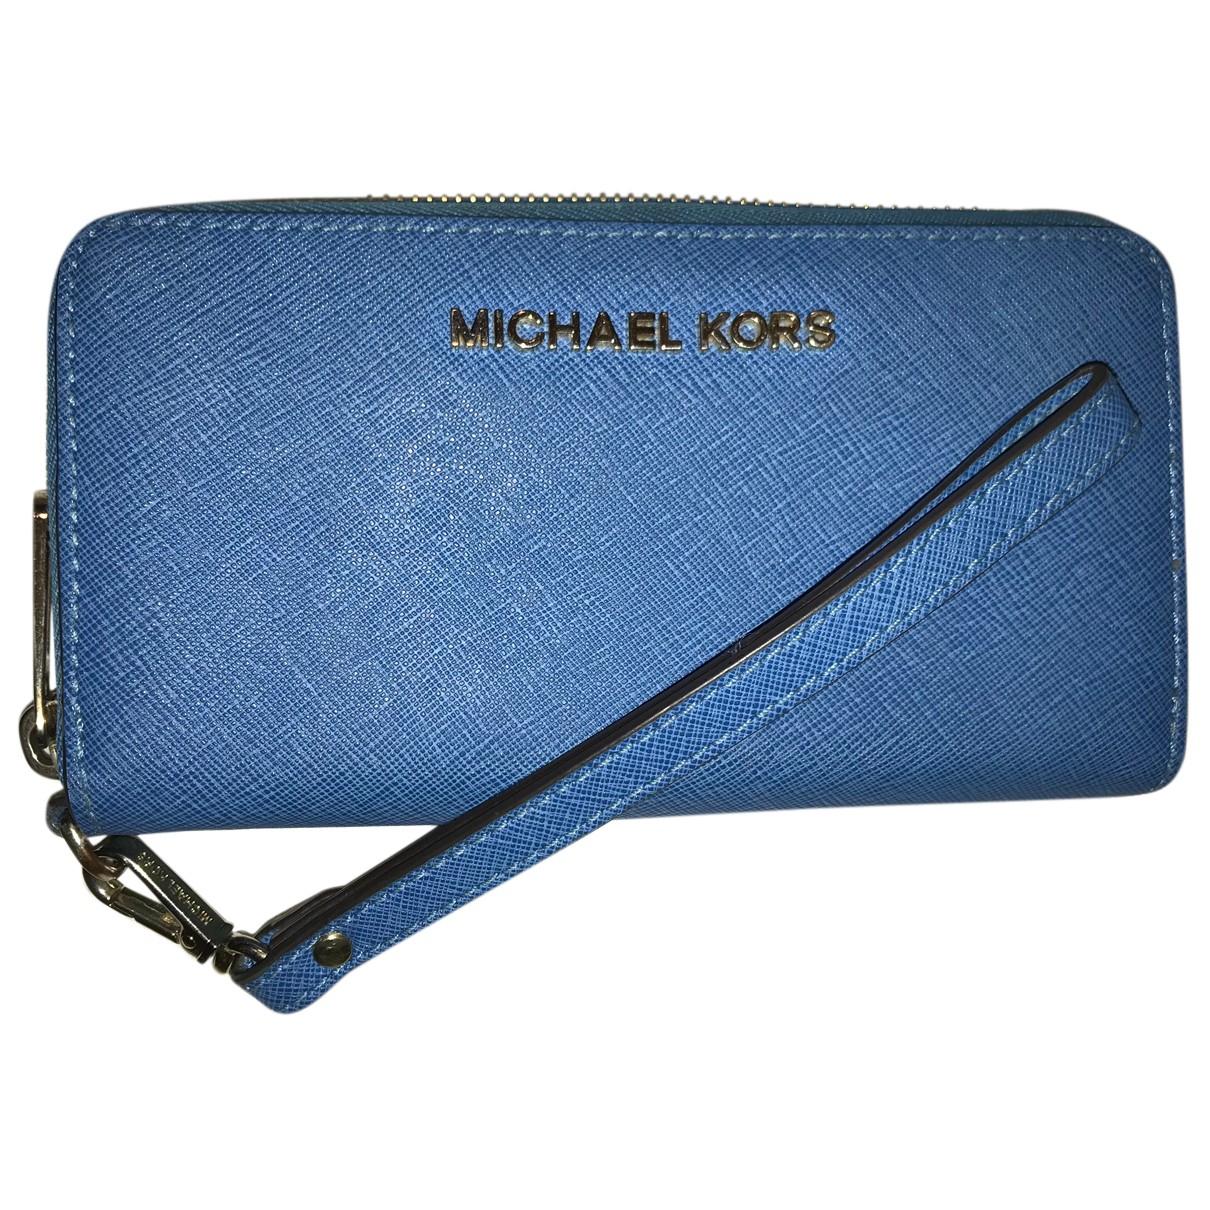 Michael Kors - Portefeuille   pour femme en cuir - turquoise